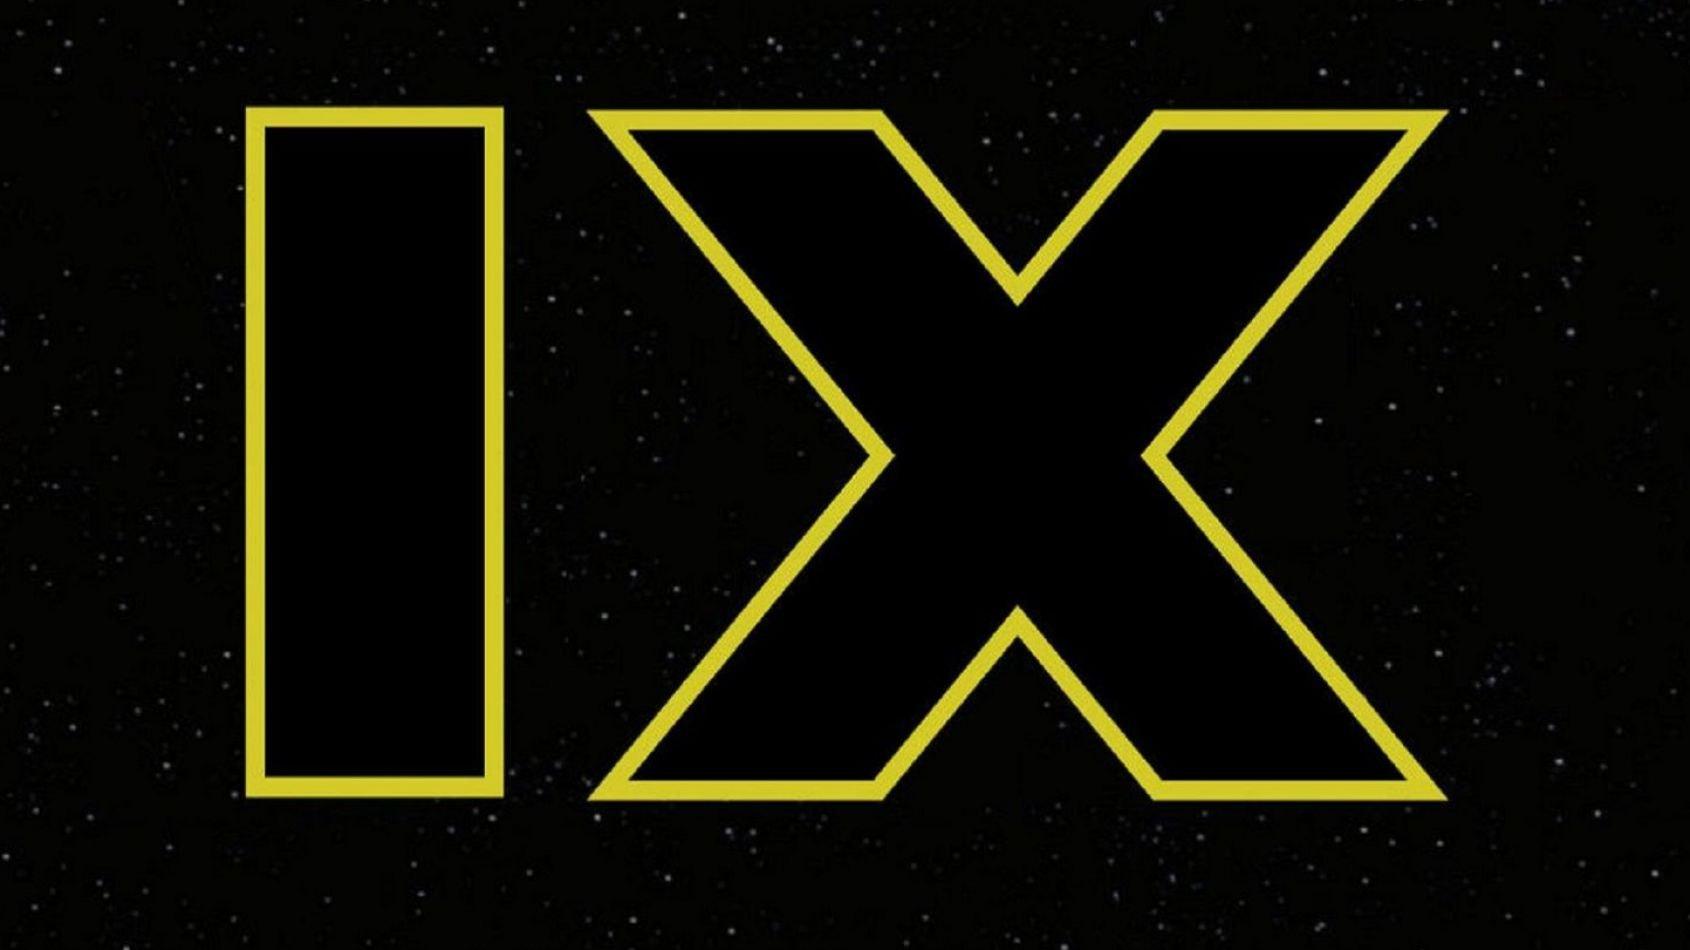 Le nom de production de l'Episode IX révélé